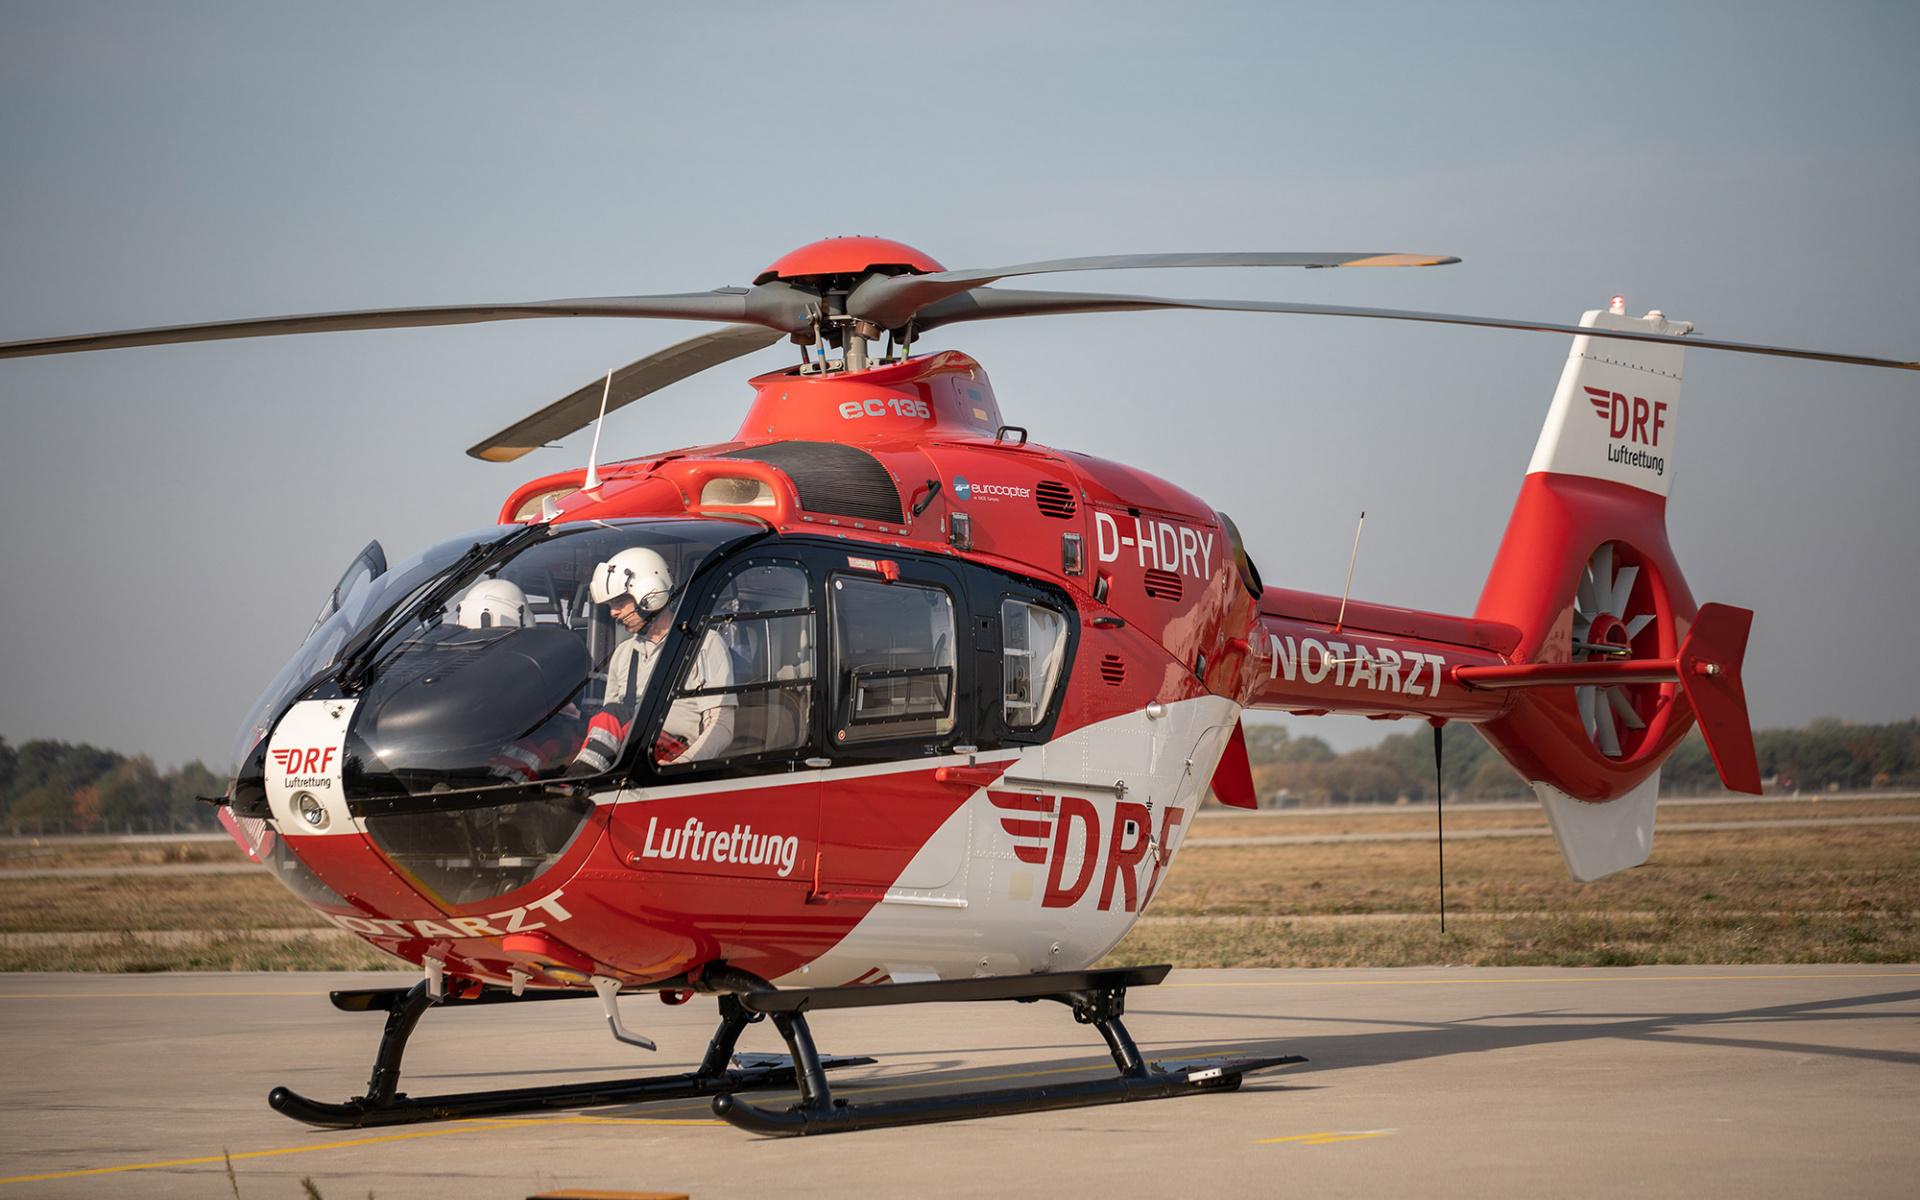 Unter dem Dach der Akademie der DRF Luftrettung führen wir regelmäßig Fortbildungen in den Bereichen Medizin, Flugbetrieb und Technik durch, die auch Externen angeboten werden.